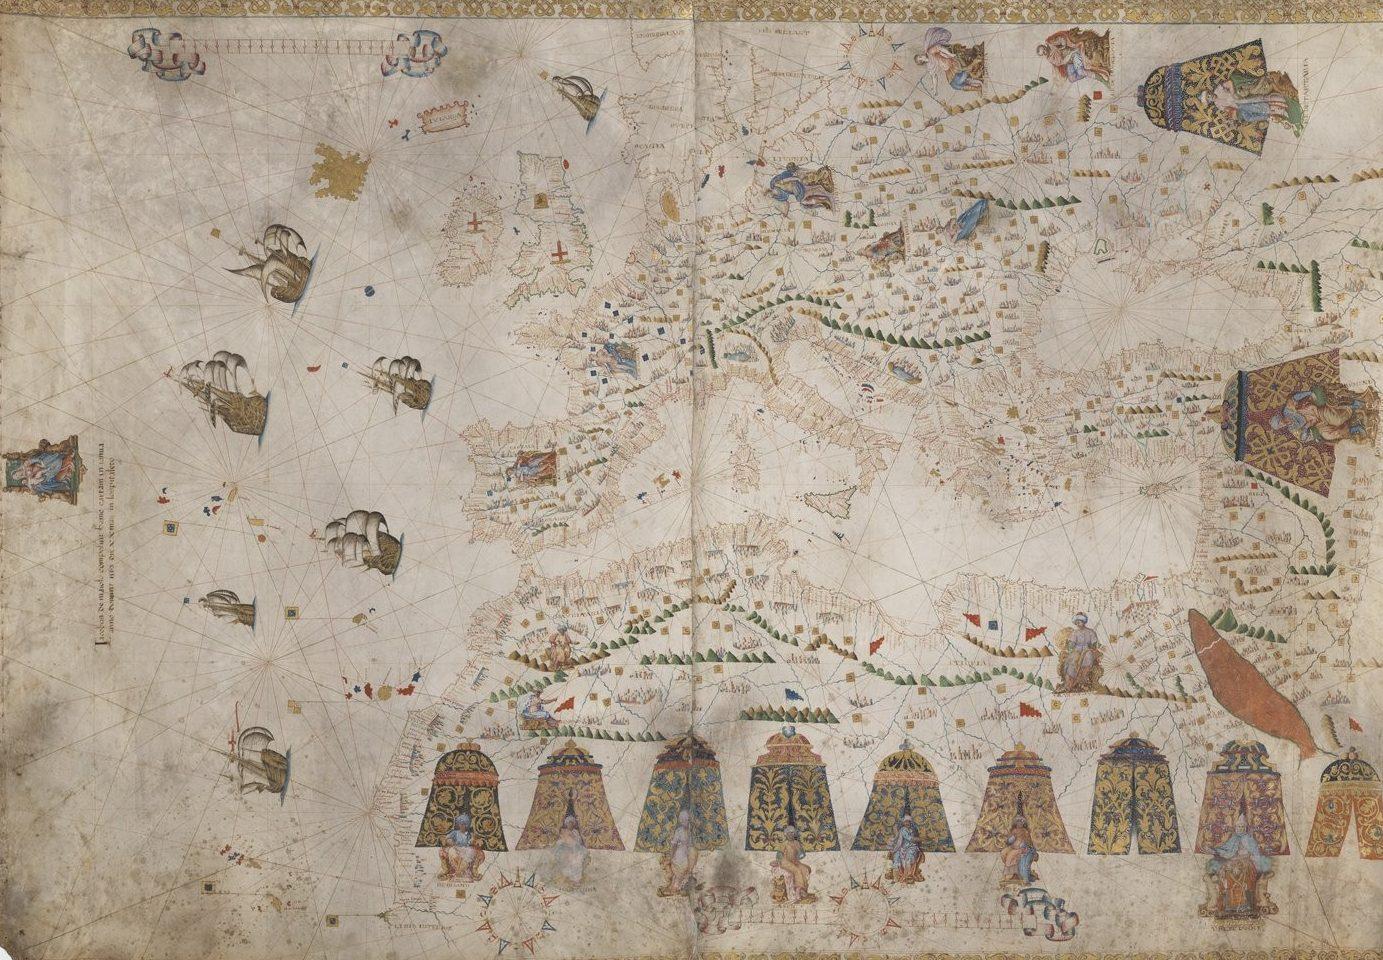 [Carte_de_la_Mer_Méditerranée_[…]Maggiolo_Giacomo_btv1b550070685